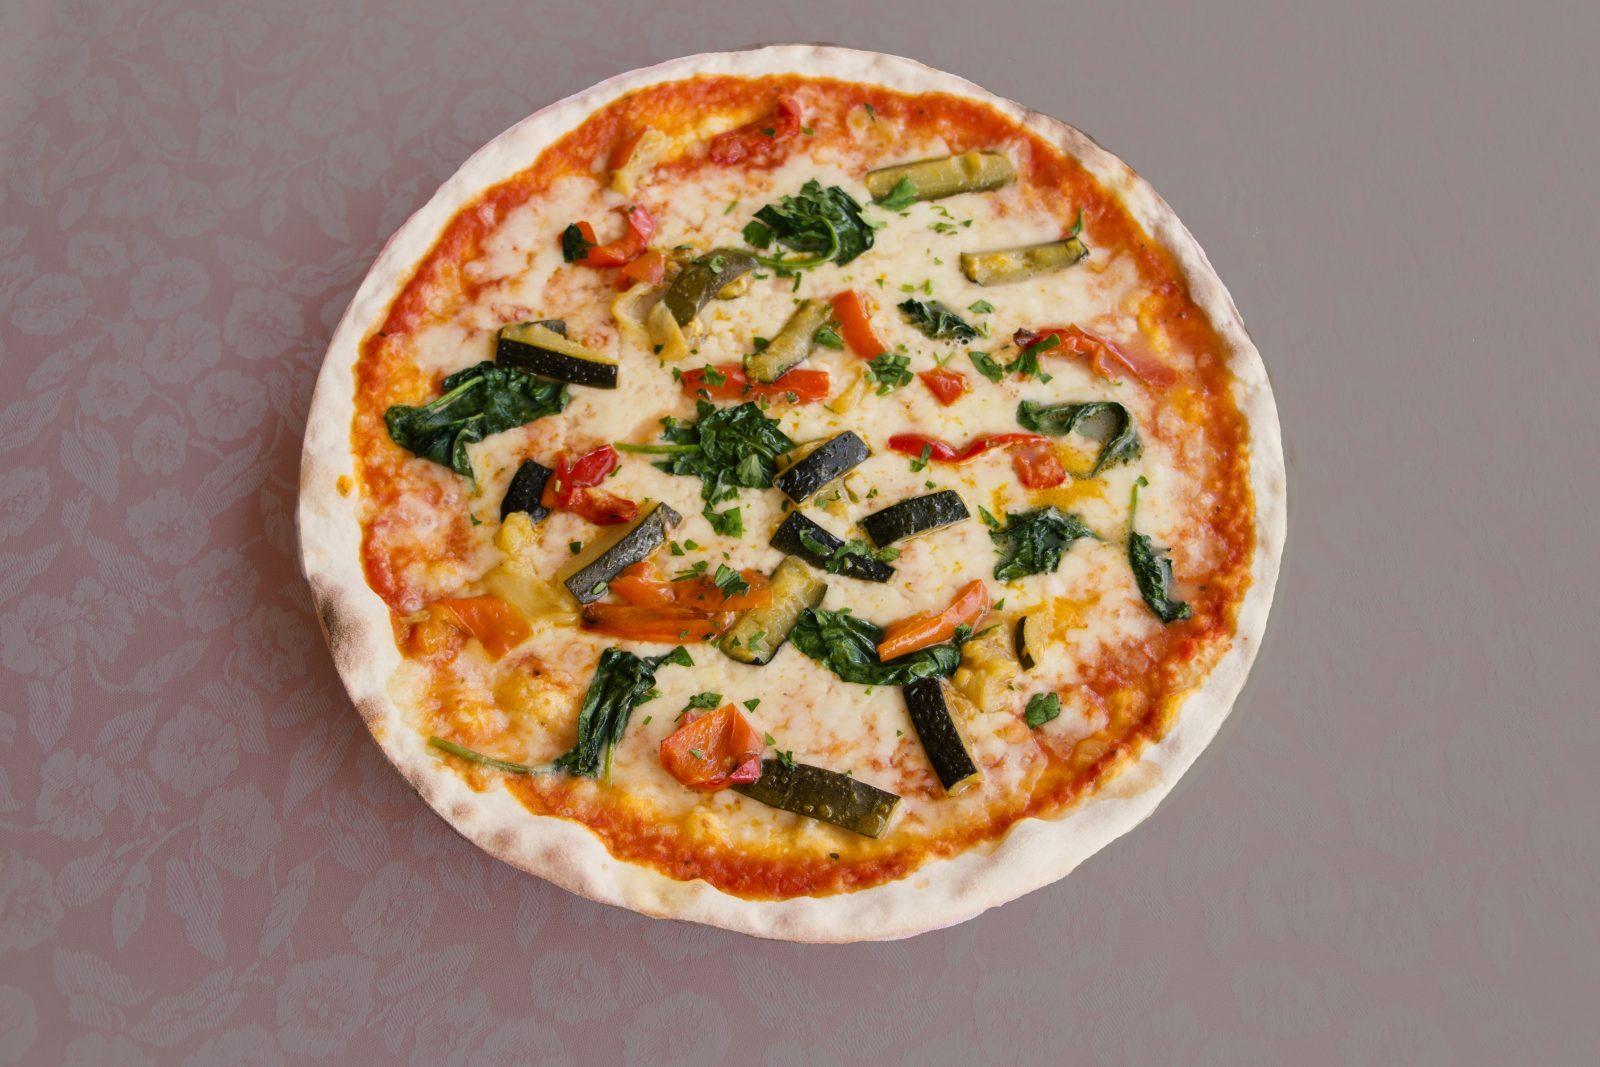 pizza primavera ristorante 4 fiumi roma